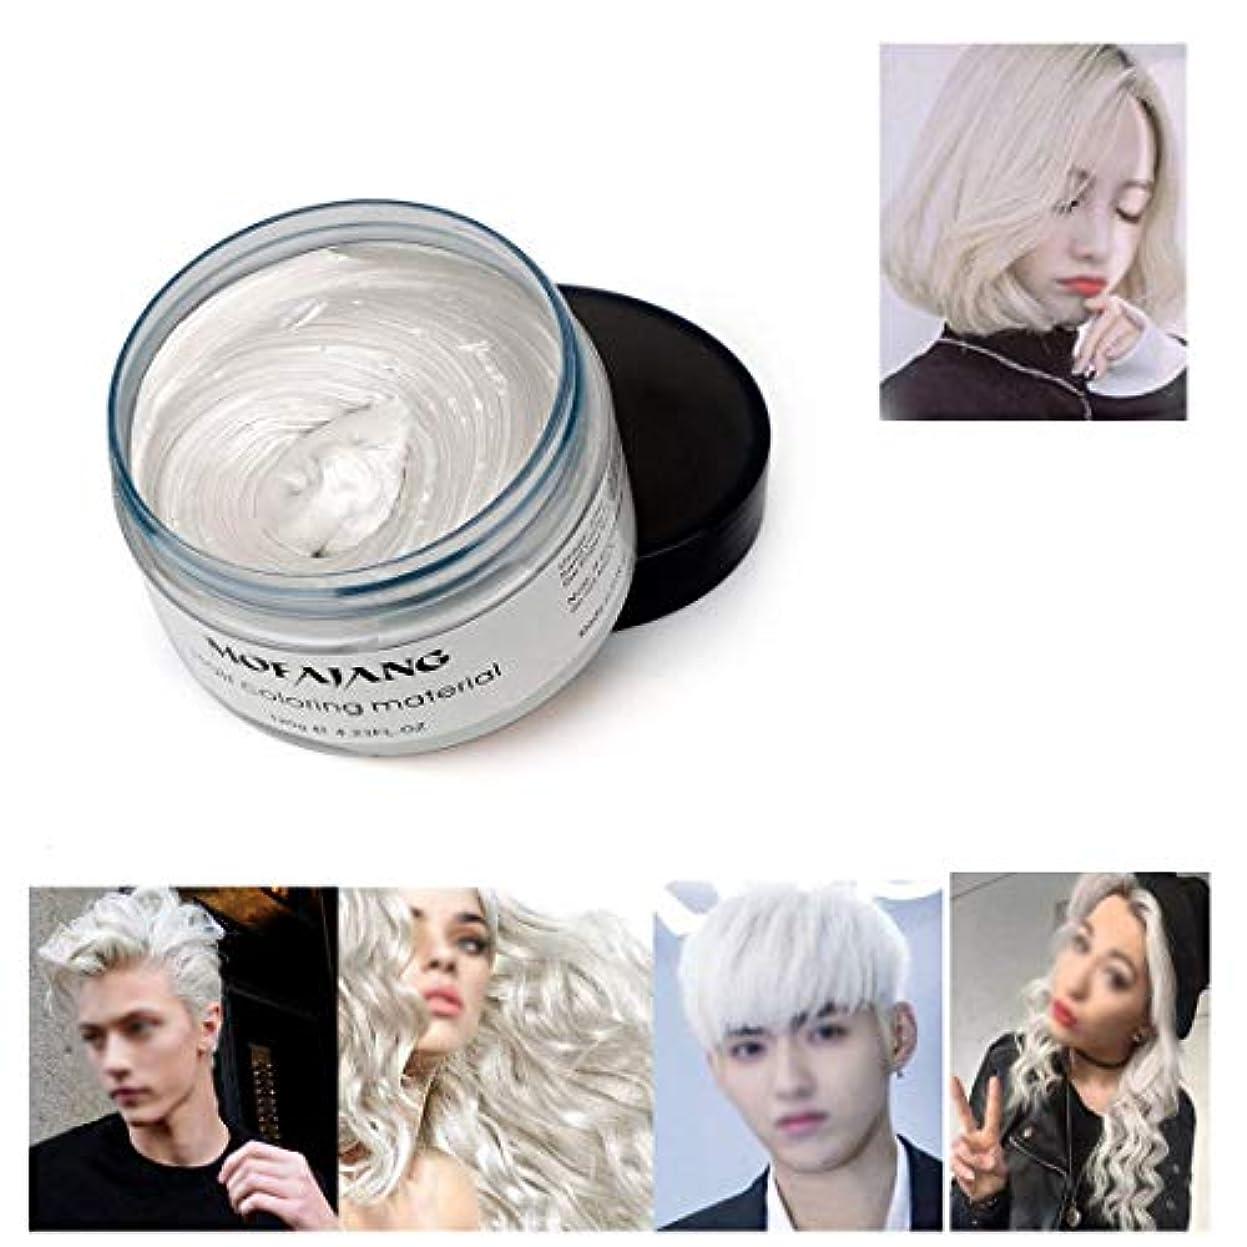 消費者病気だと思うハンマー髪色ワックス,一度だけ一時的に自然色染料ヘアワックスをモデリング,パーティーのための自然なマット髪型。コスプレ、仮装、ナイトクラブ、ハロウィーン (ホワイト)